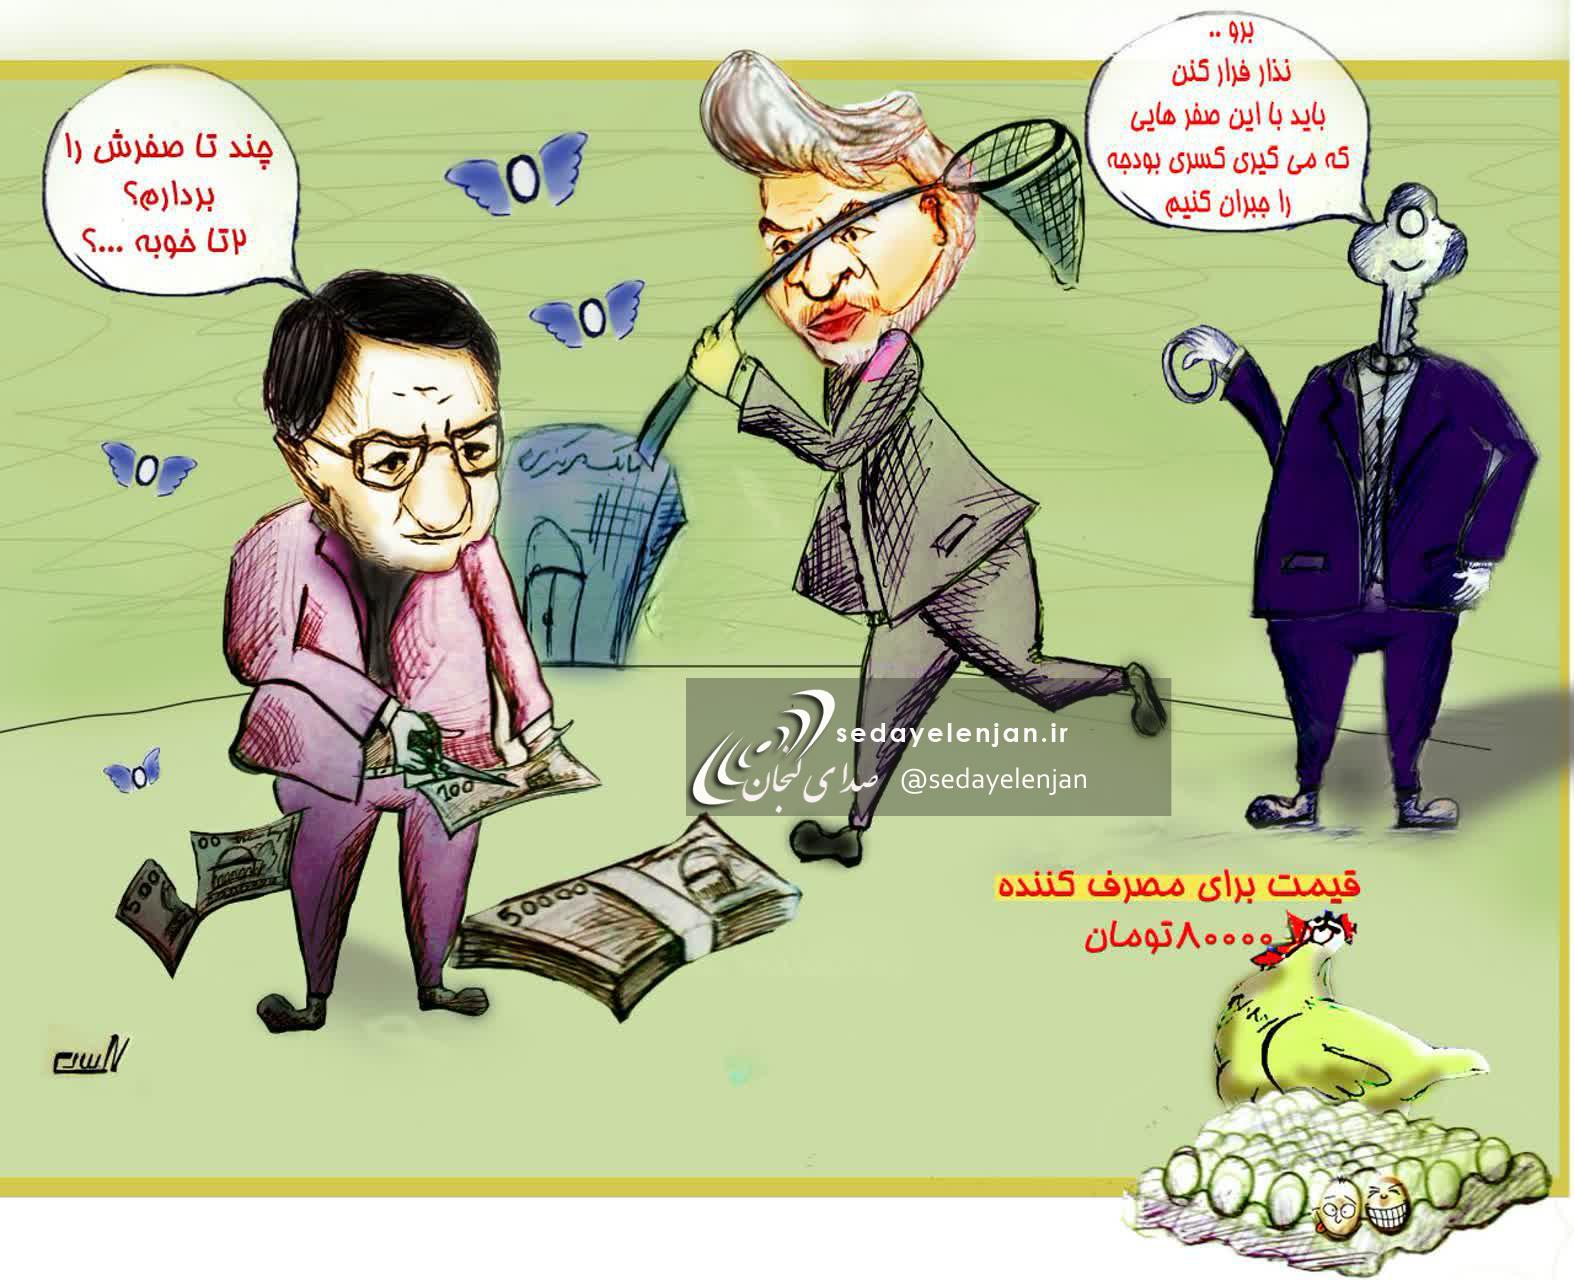 کاریکاتور حذف چهار صفر از پول